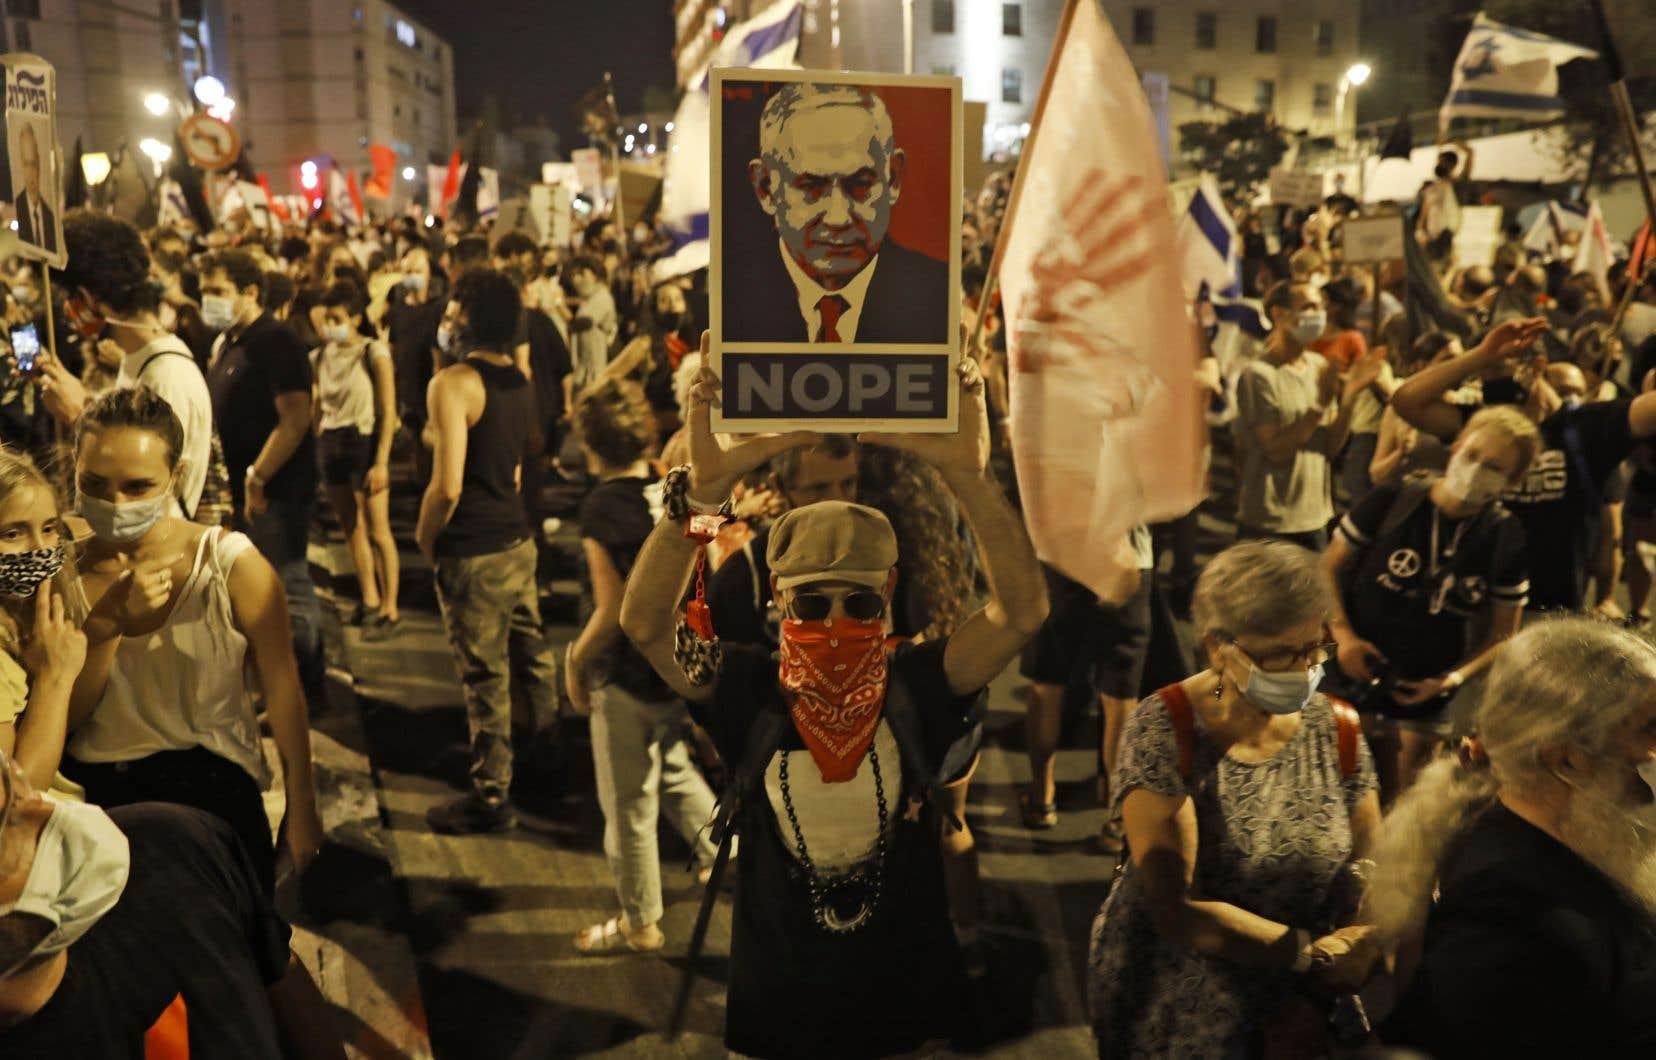 Ces manifestations continuent de mobiliser les Israéliens malgré l'accélération des contaminations au nouveau coronavirus en Israël.